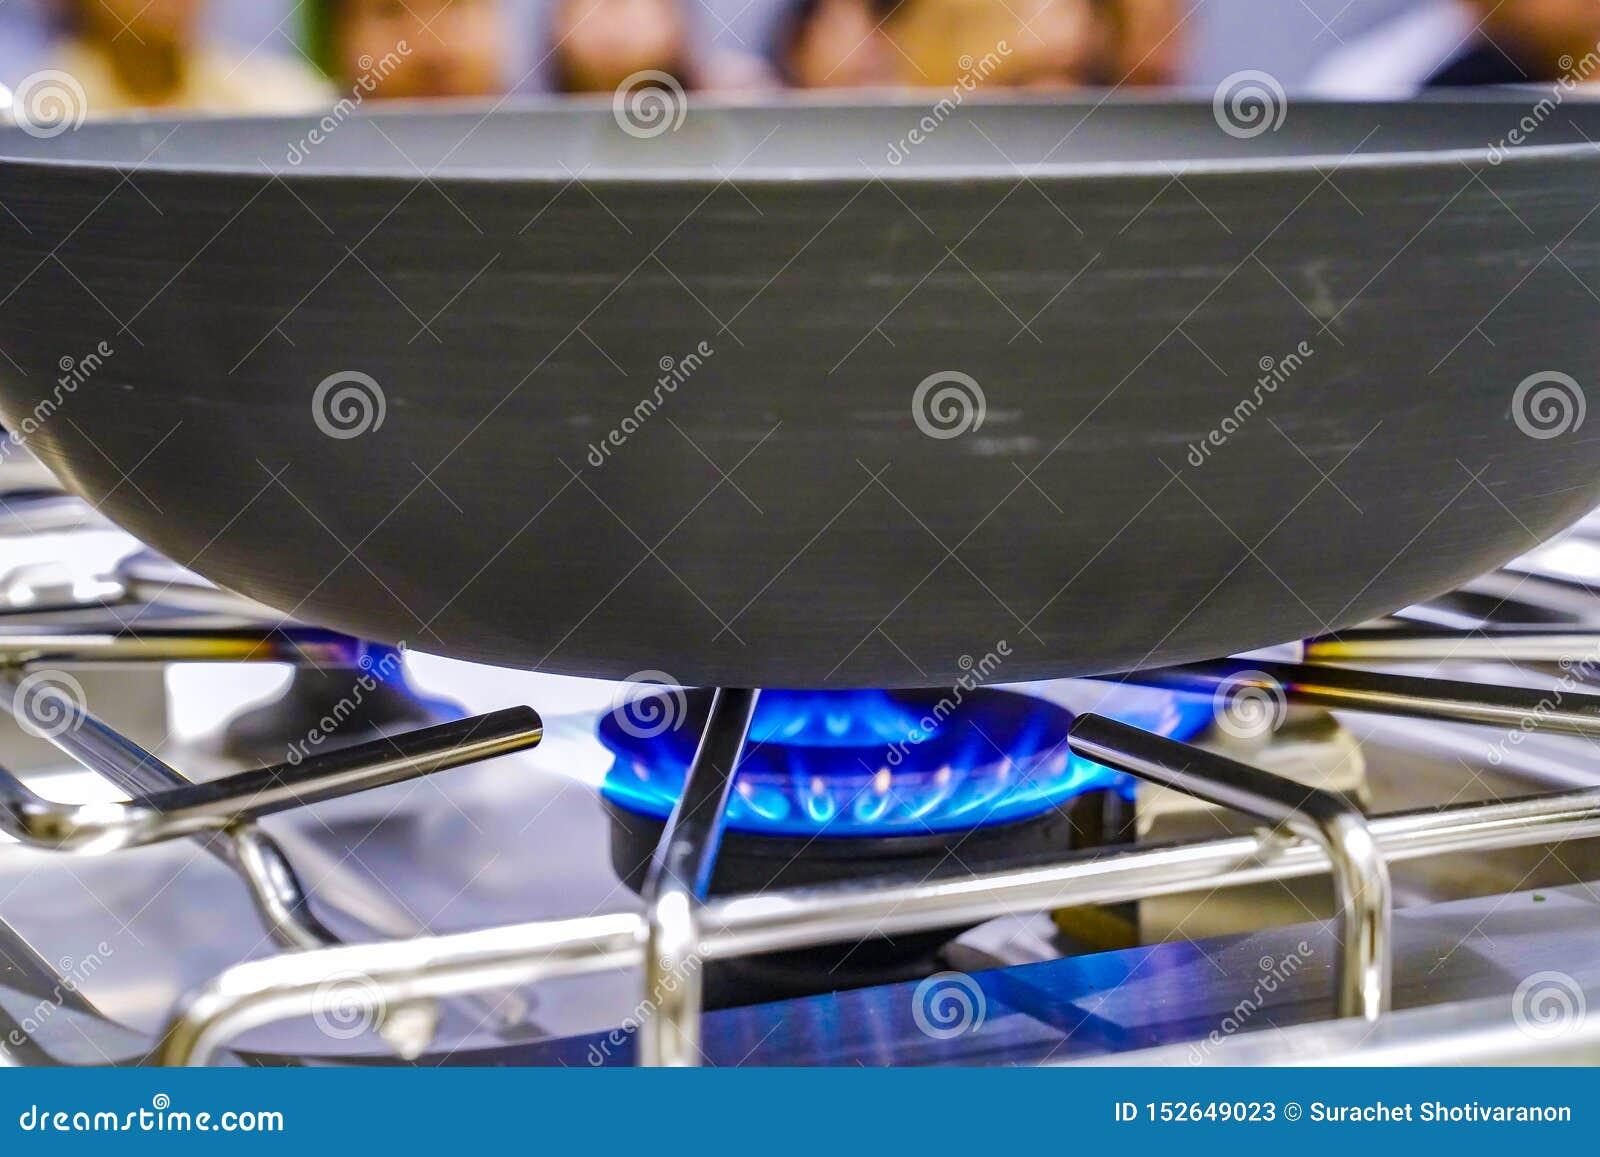 从火炉的煤气取暖器与对此的平底锅,在训练-研究烹饪教室